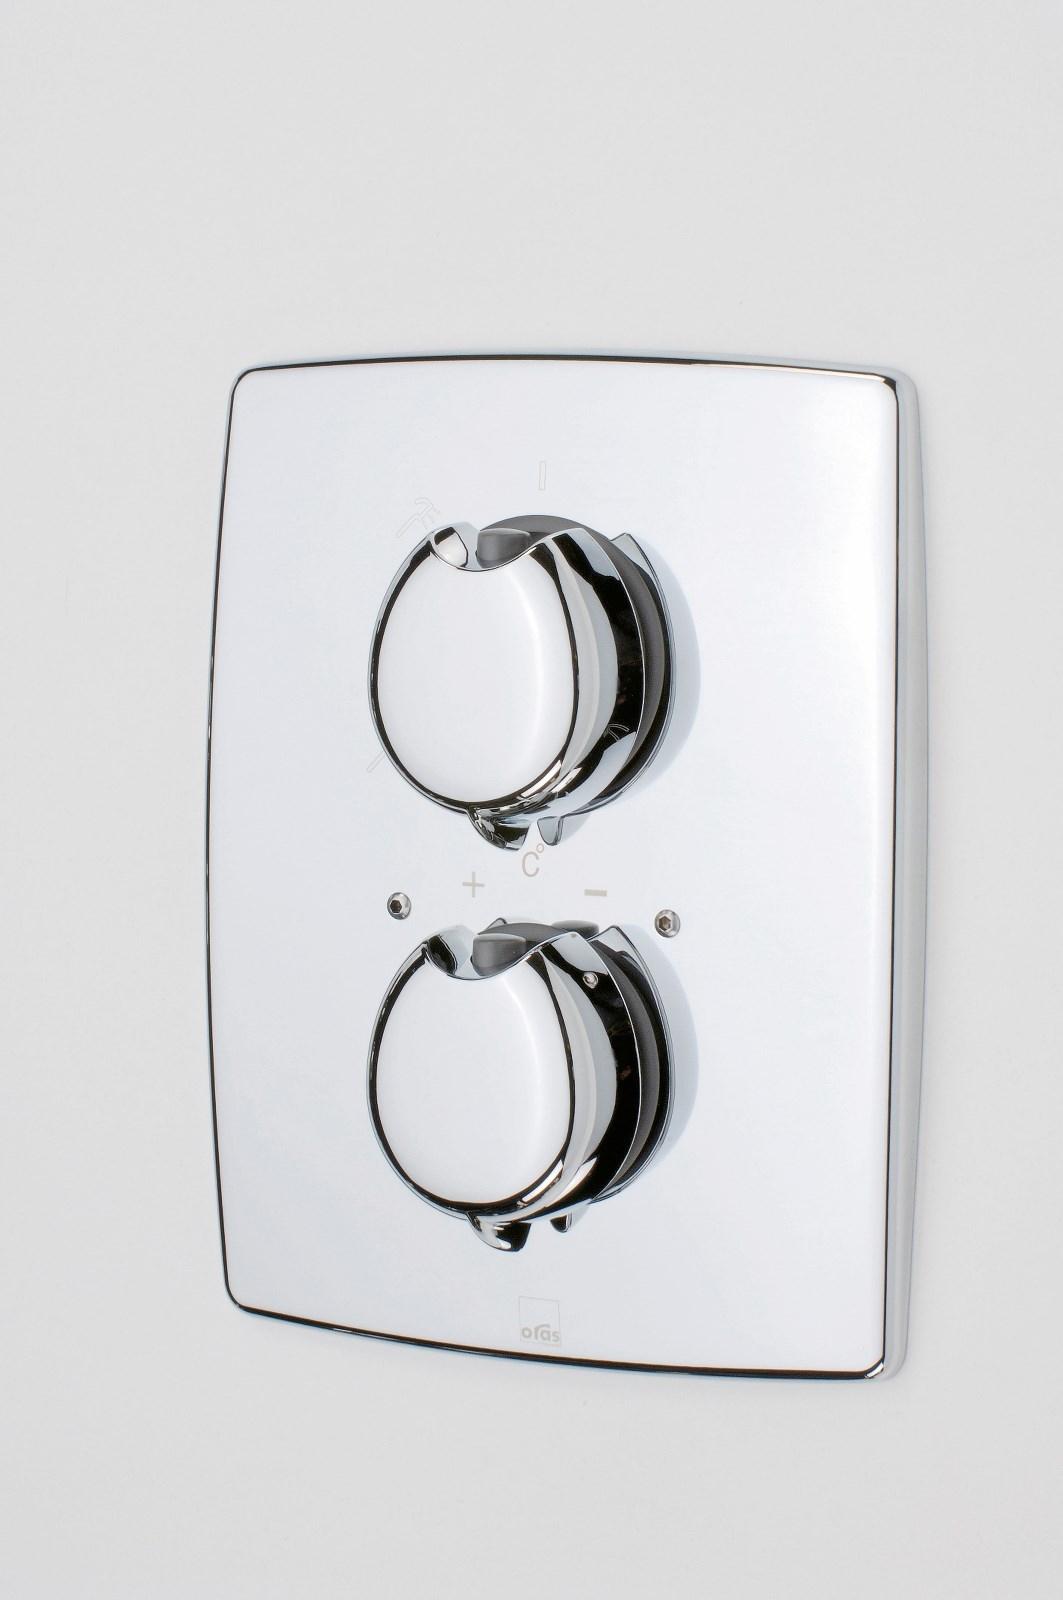 Oras Optima - sprchová termostatická podomítková baterie, nadomítková část 7187